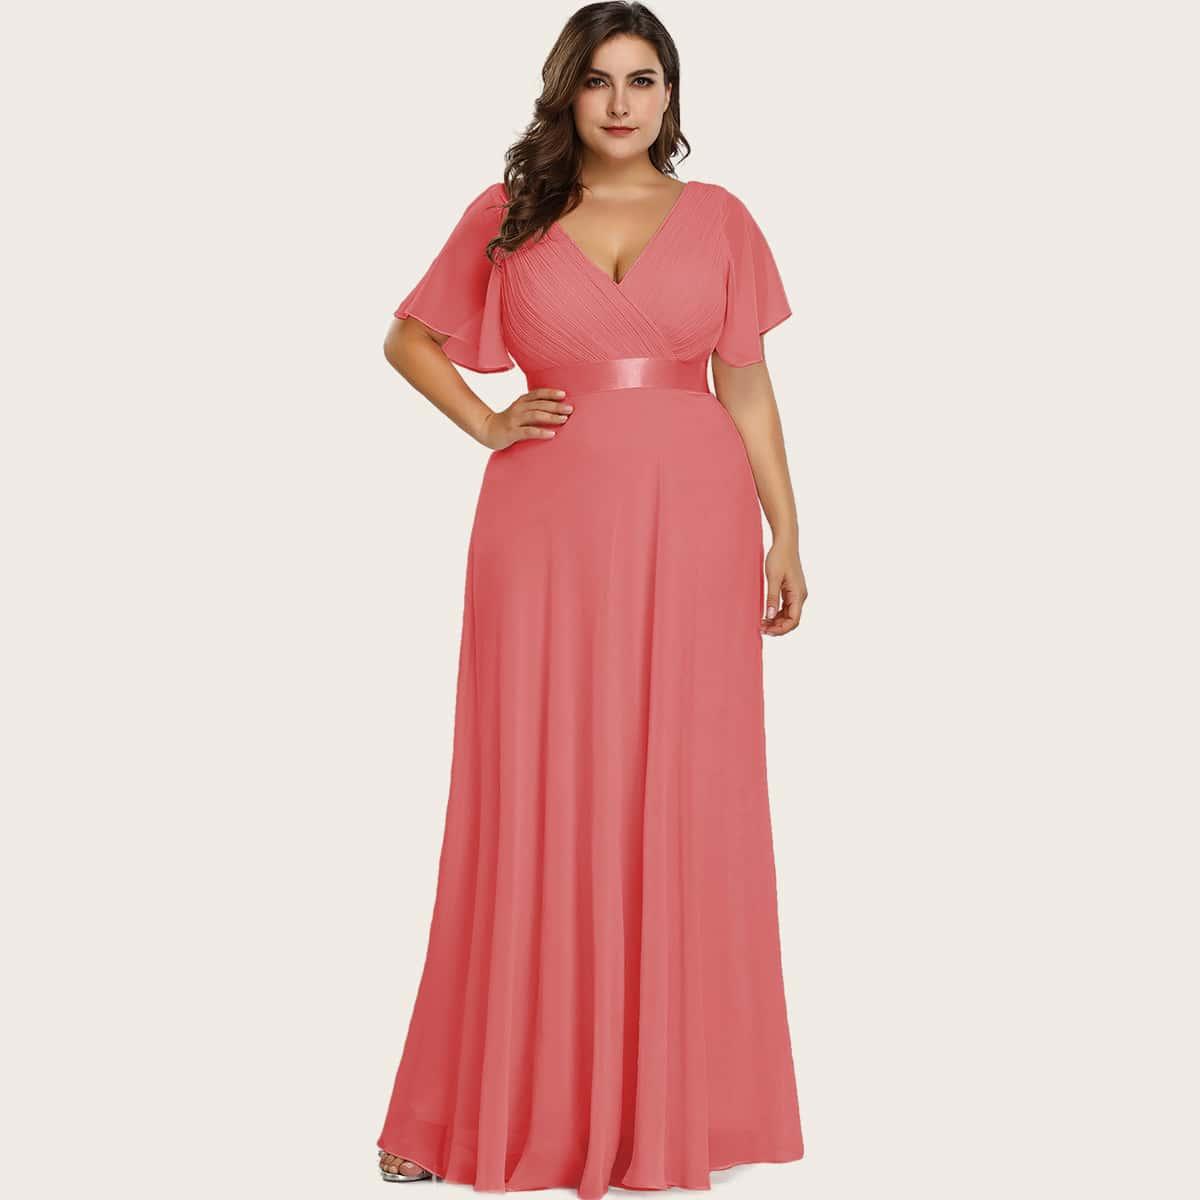 Шифоновое плиссированное платье размера плюс с оригинальным рукавом